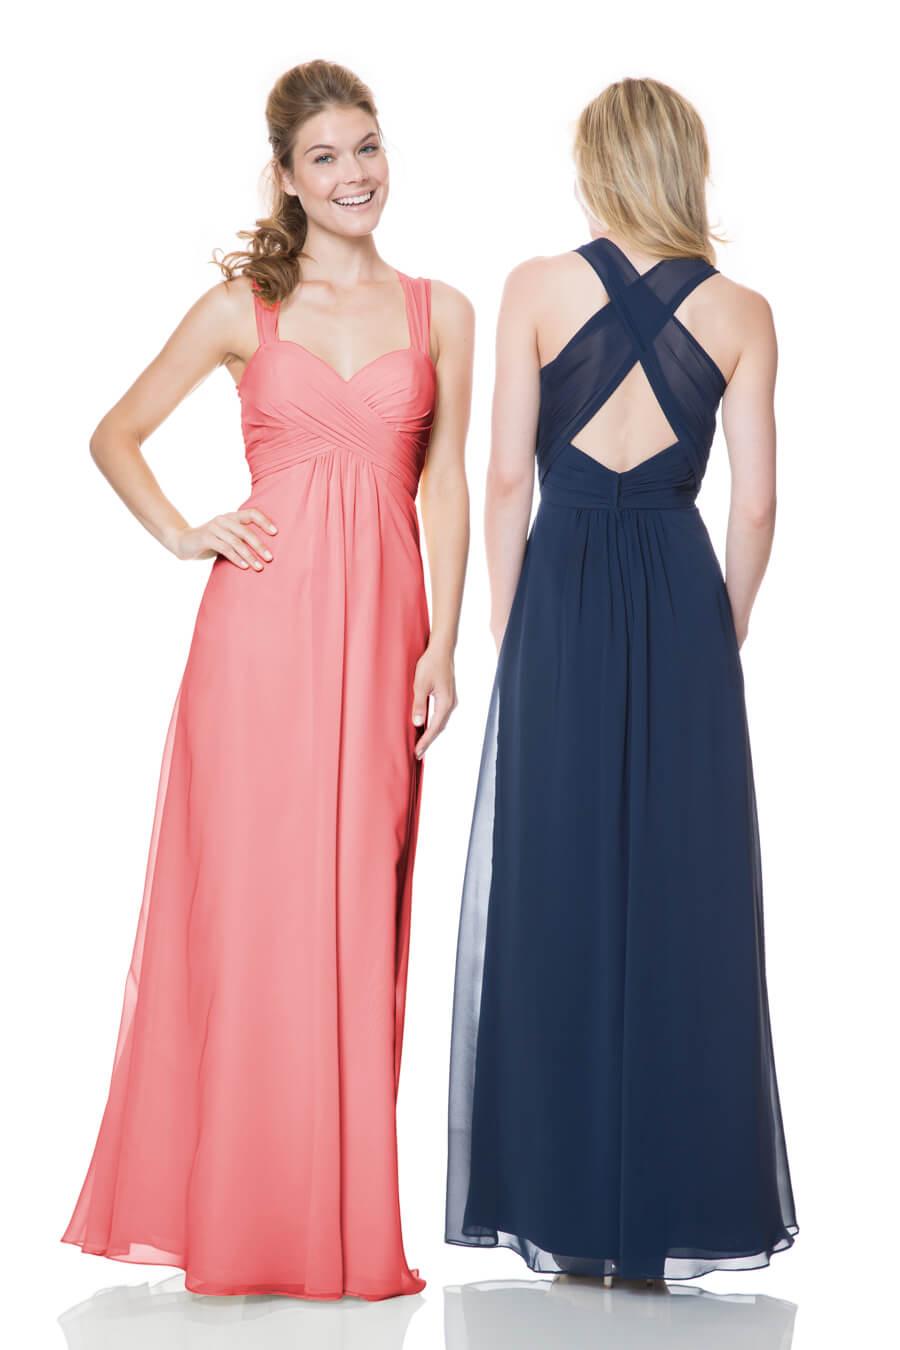 Bari jay bridesmaids bridesmaid dresses prom dresses formal quick ship ombrellifo Images